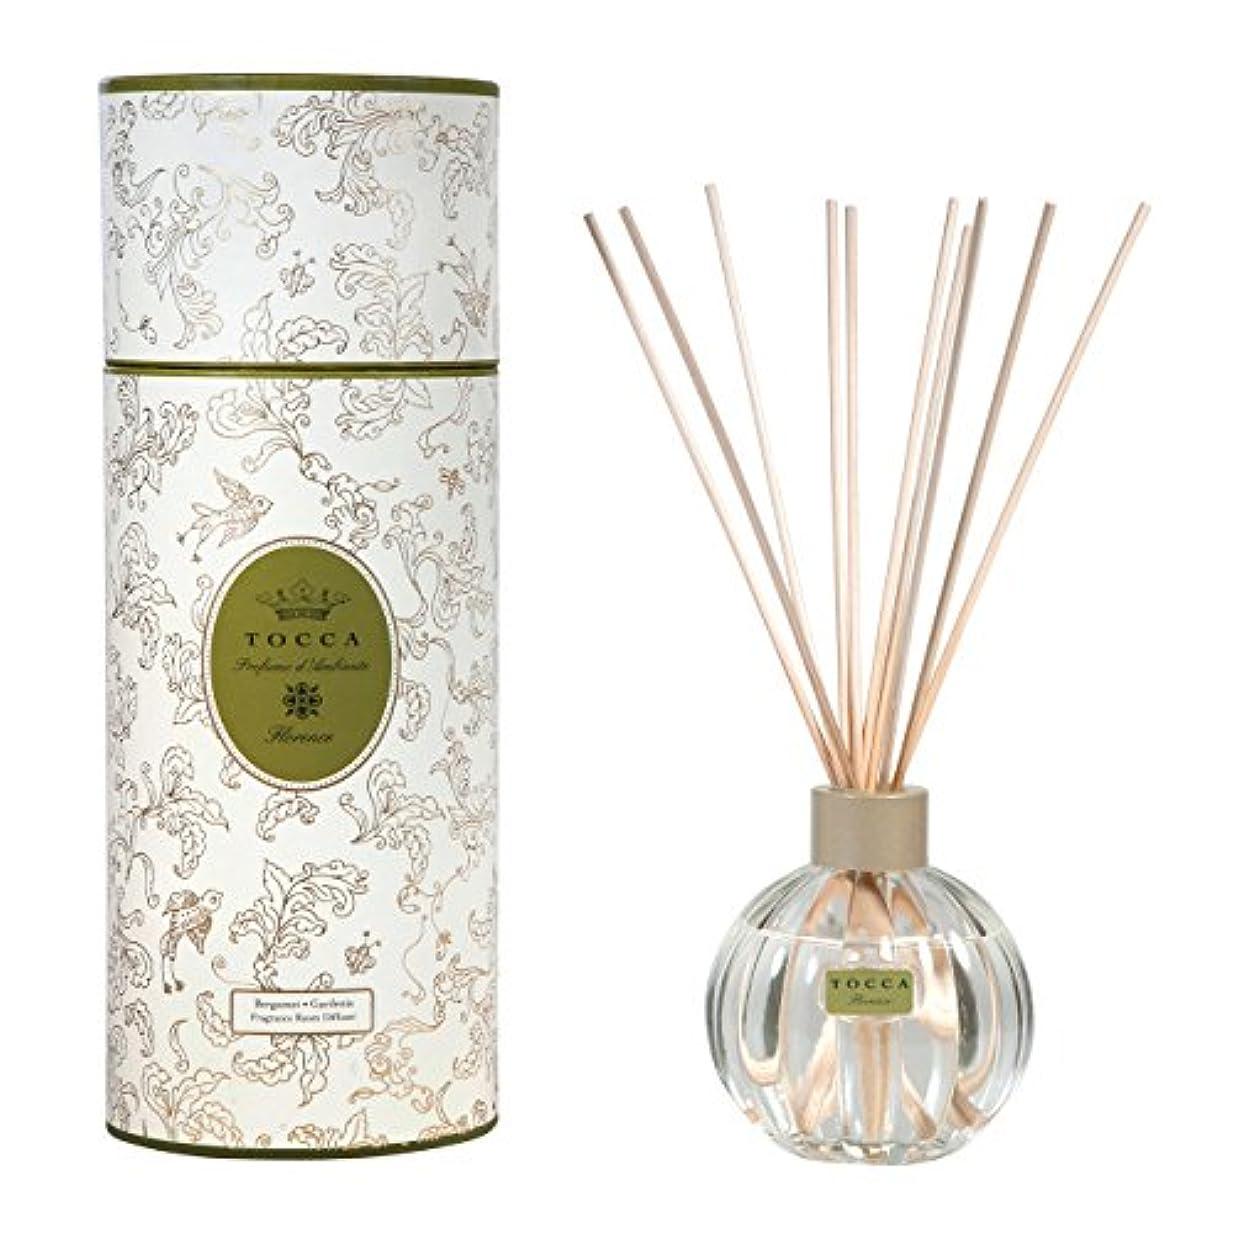 教育者お手入れ権限を与えるトッカ(TOCCA) リードディフューザー フローレンスの香り 175ml 3~4ヶ月持続(芳香剤 ルームフレグランス ガーデニアとベルガモットが誘うように溶け合うどこまでも上品なフローラルの香り)